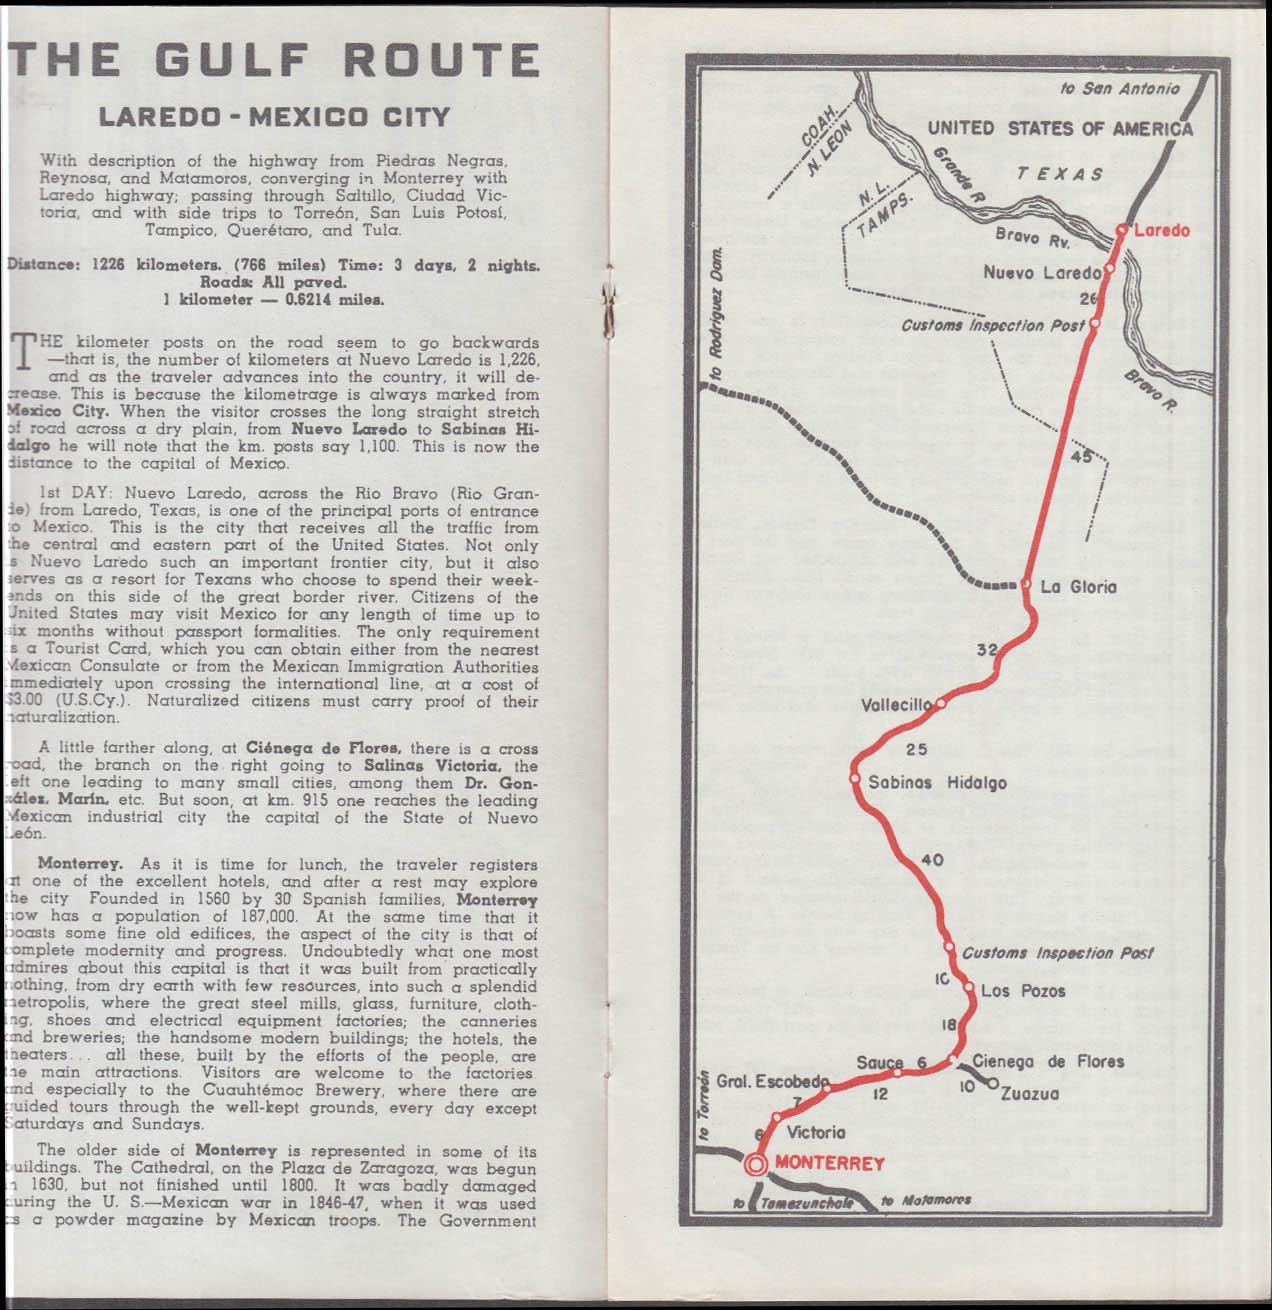 Pemex Travel Club The Gulf Route Nuevo Laredo-Mexico City